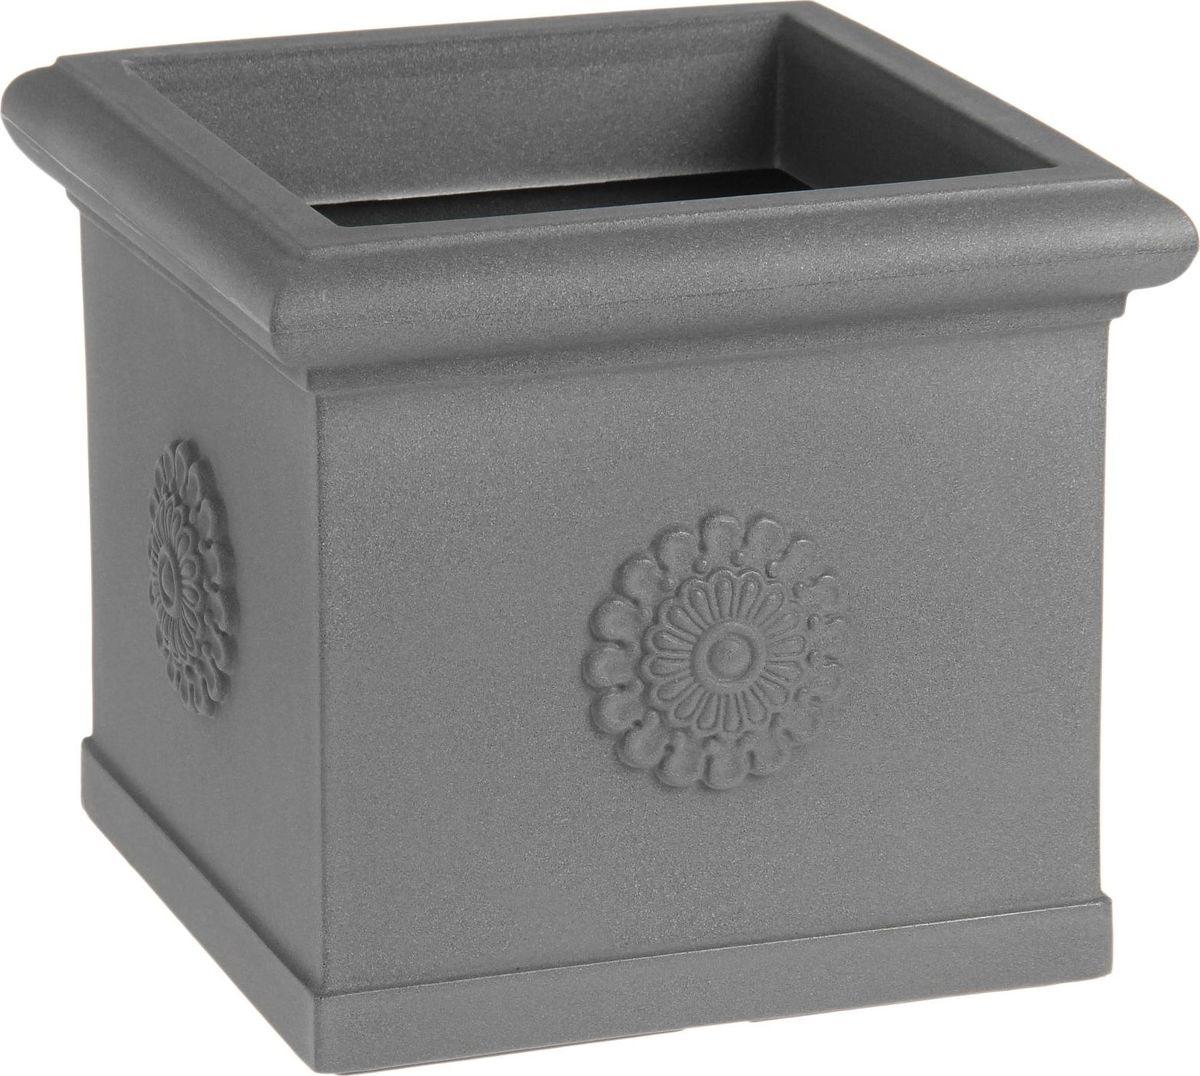 Вазон ЗАО Пластик Византия, цвет: серебристый металл, 30 л1442666Декоративная ваза «Византия» — это классическая форма, притягивающий взгляд цвет, монументальность и величественность.Она пригодится для самых разных целей:позволит украсить гостиную или офисстанет стильным подарком на юбилей или свадьбупревратится в реликвию, которую можно будет передавать из поколения в поколение.Ваза, изготовленная из качественного полимерного материала, станет заметной деталью интерьера и наполнит помещение атмосферой роскоши.Без красоты мир был бы тусклее. Наполните свою жизнь прекрасным!Внутренний размер - 35х35 см.